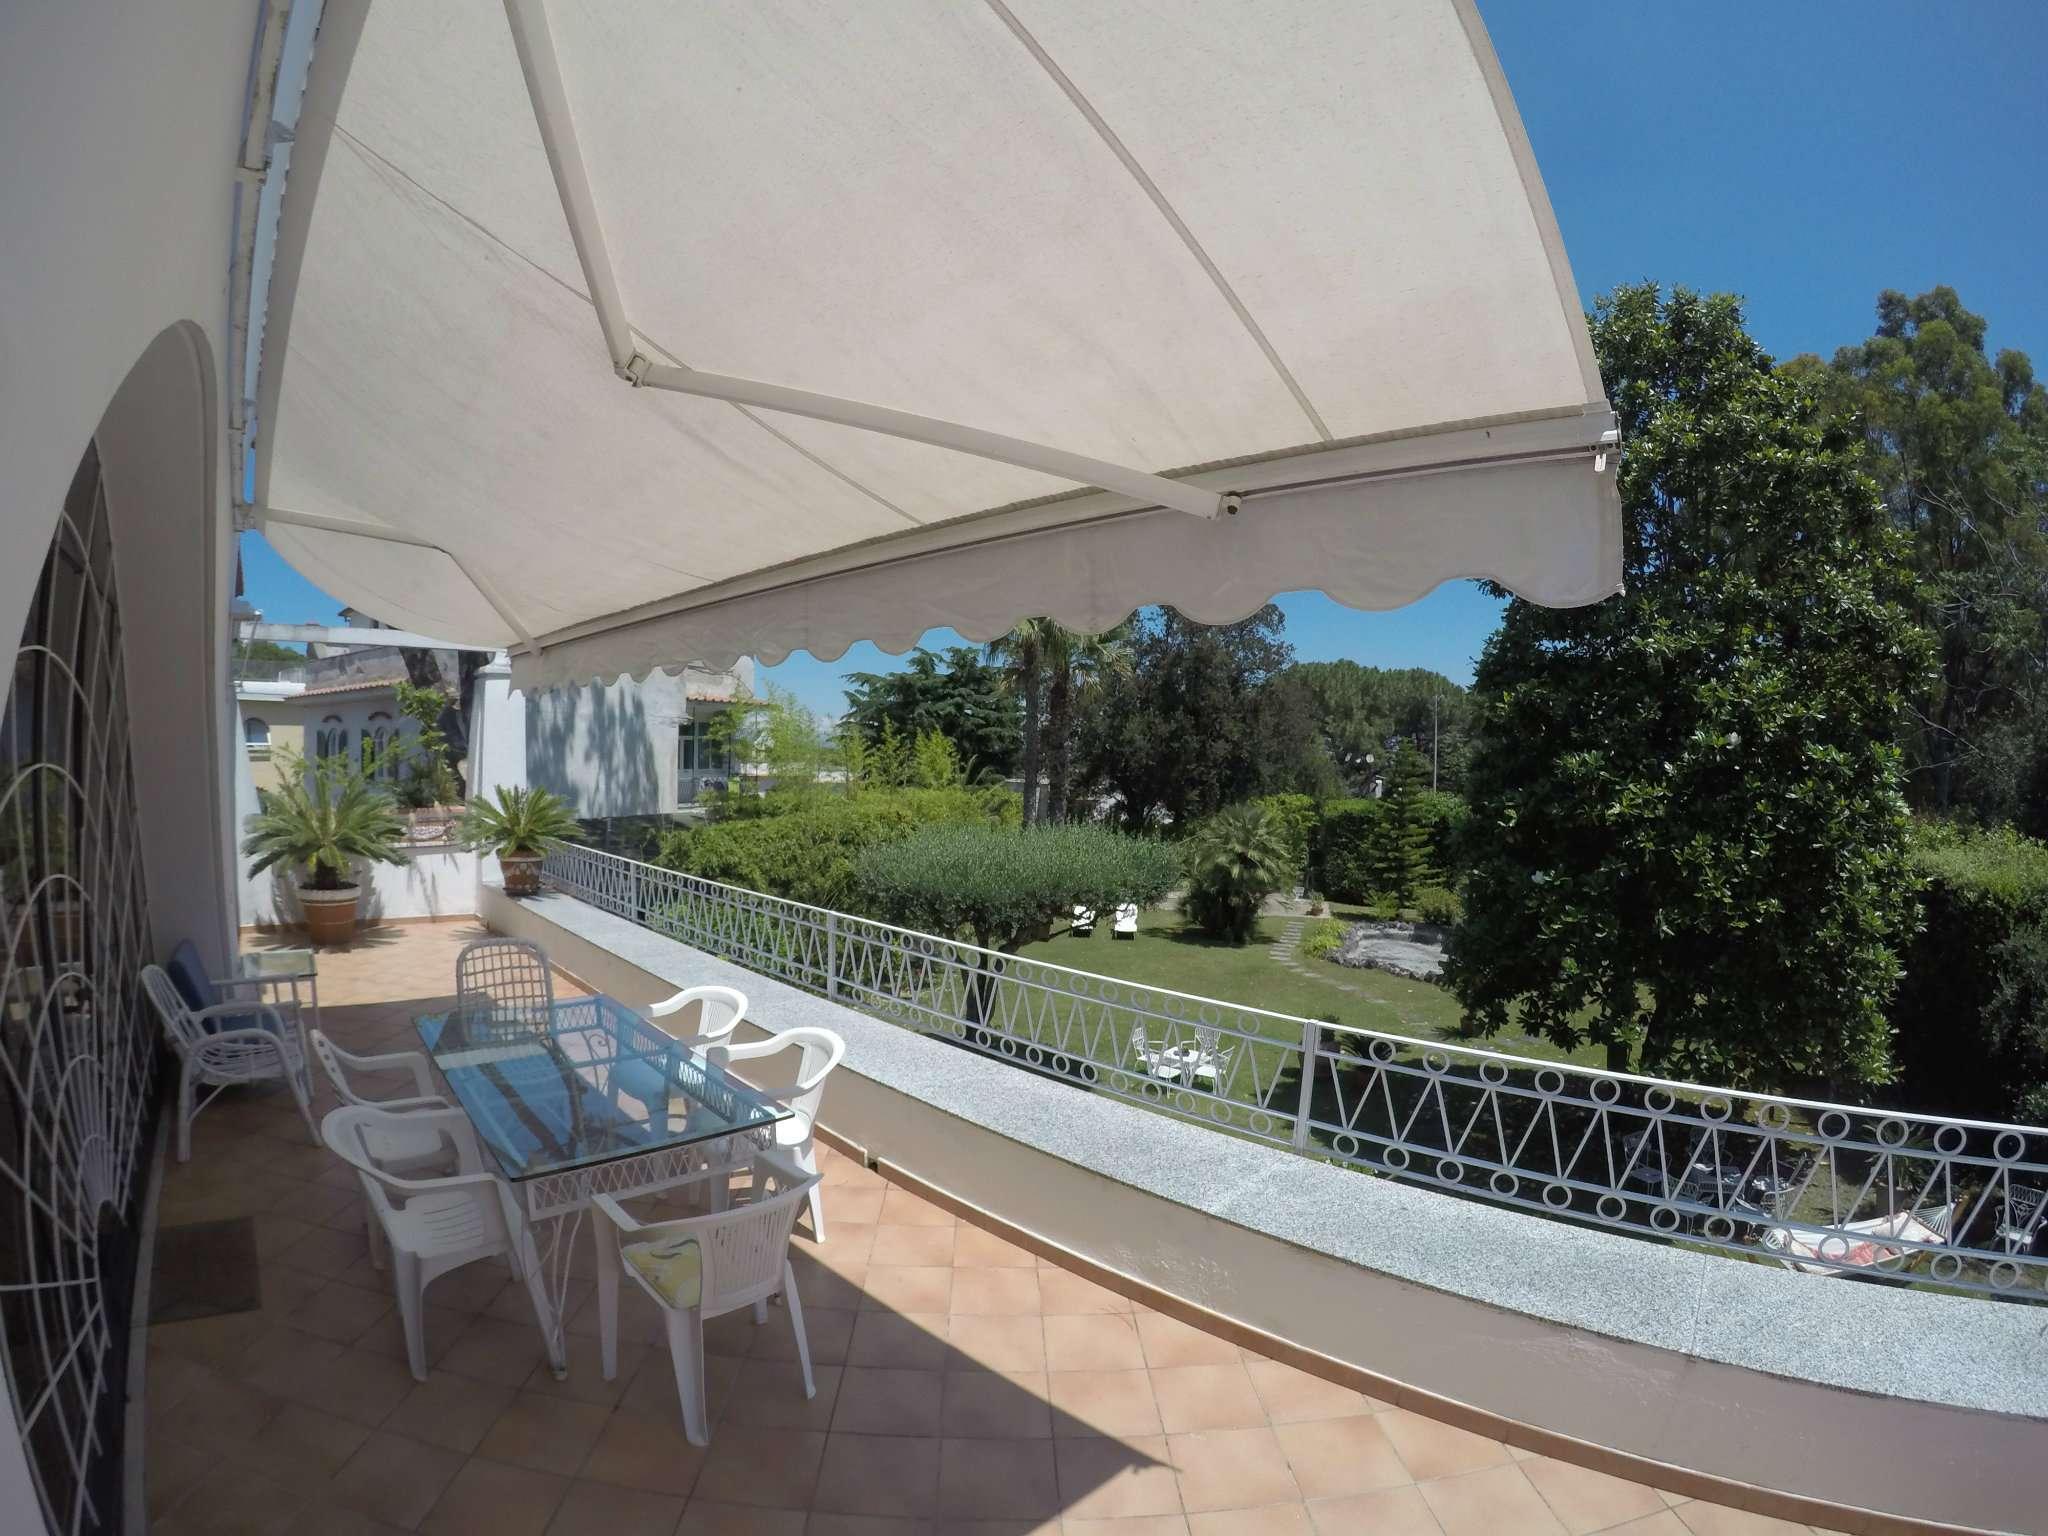 Villa in affitto a Ischia, 7 locali, prezzo € 5.000 | CambioCasa.it